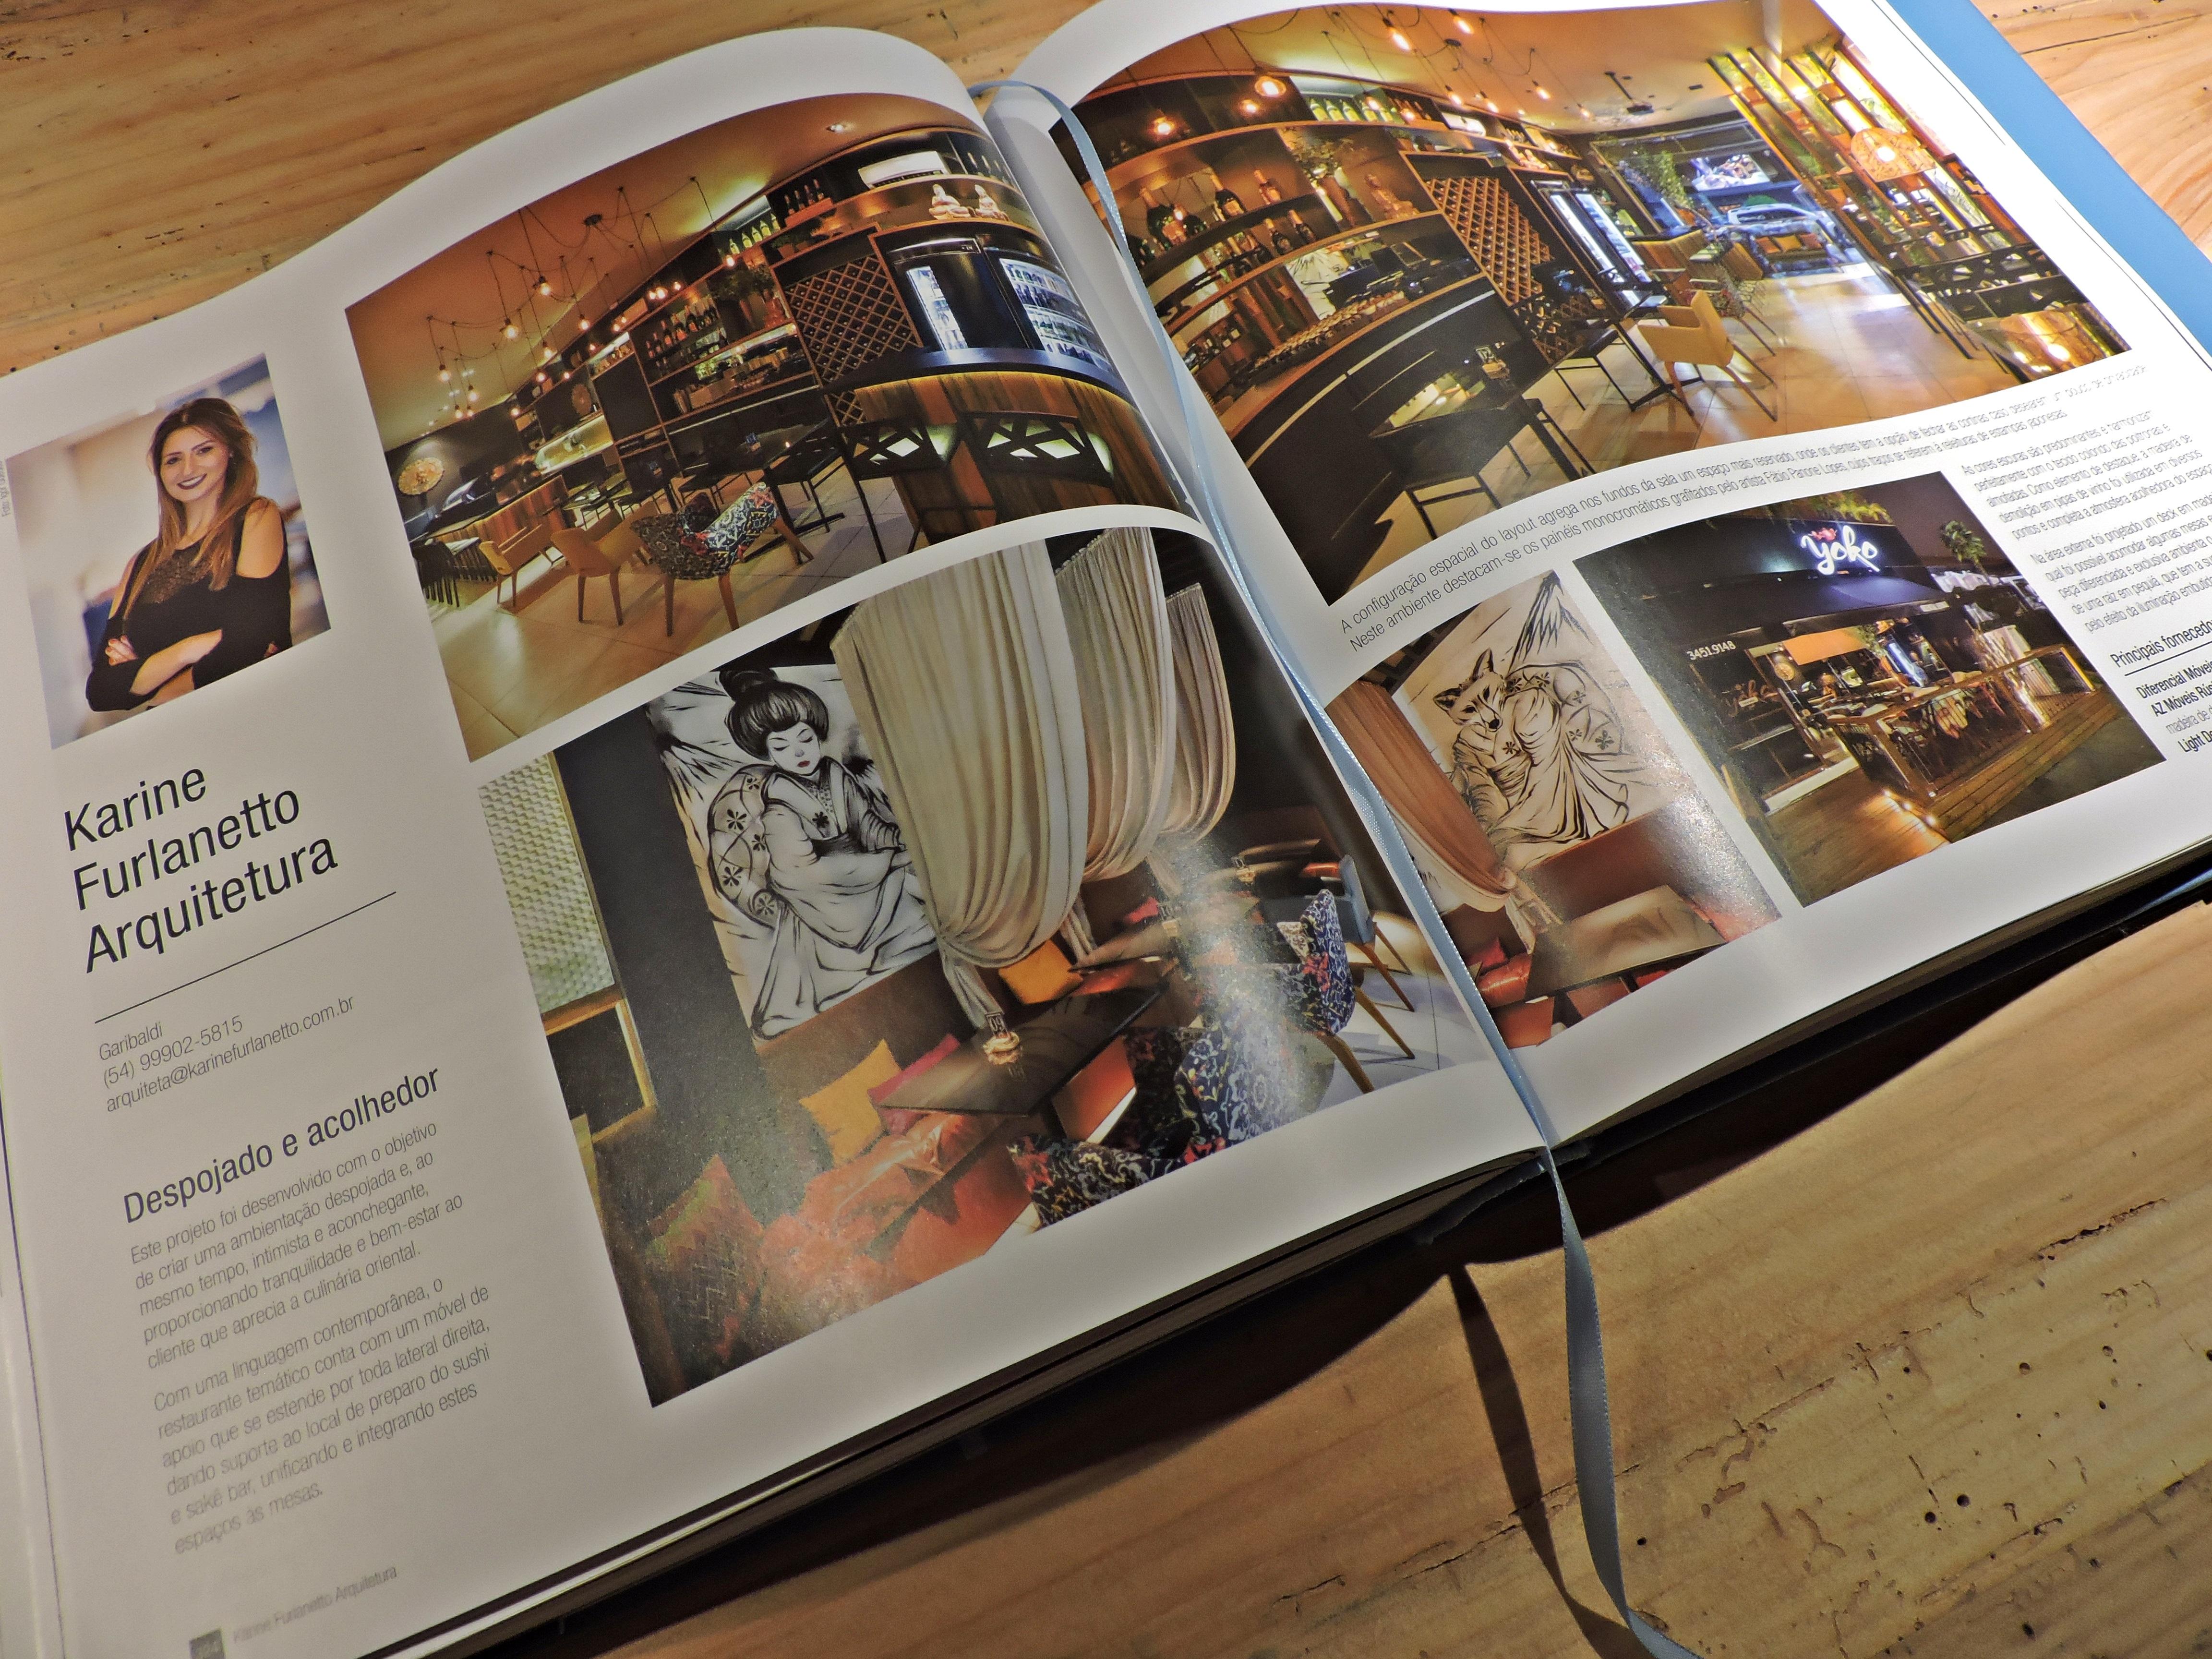 Anuário da arquitetura 2017